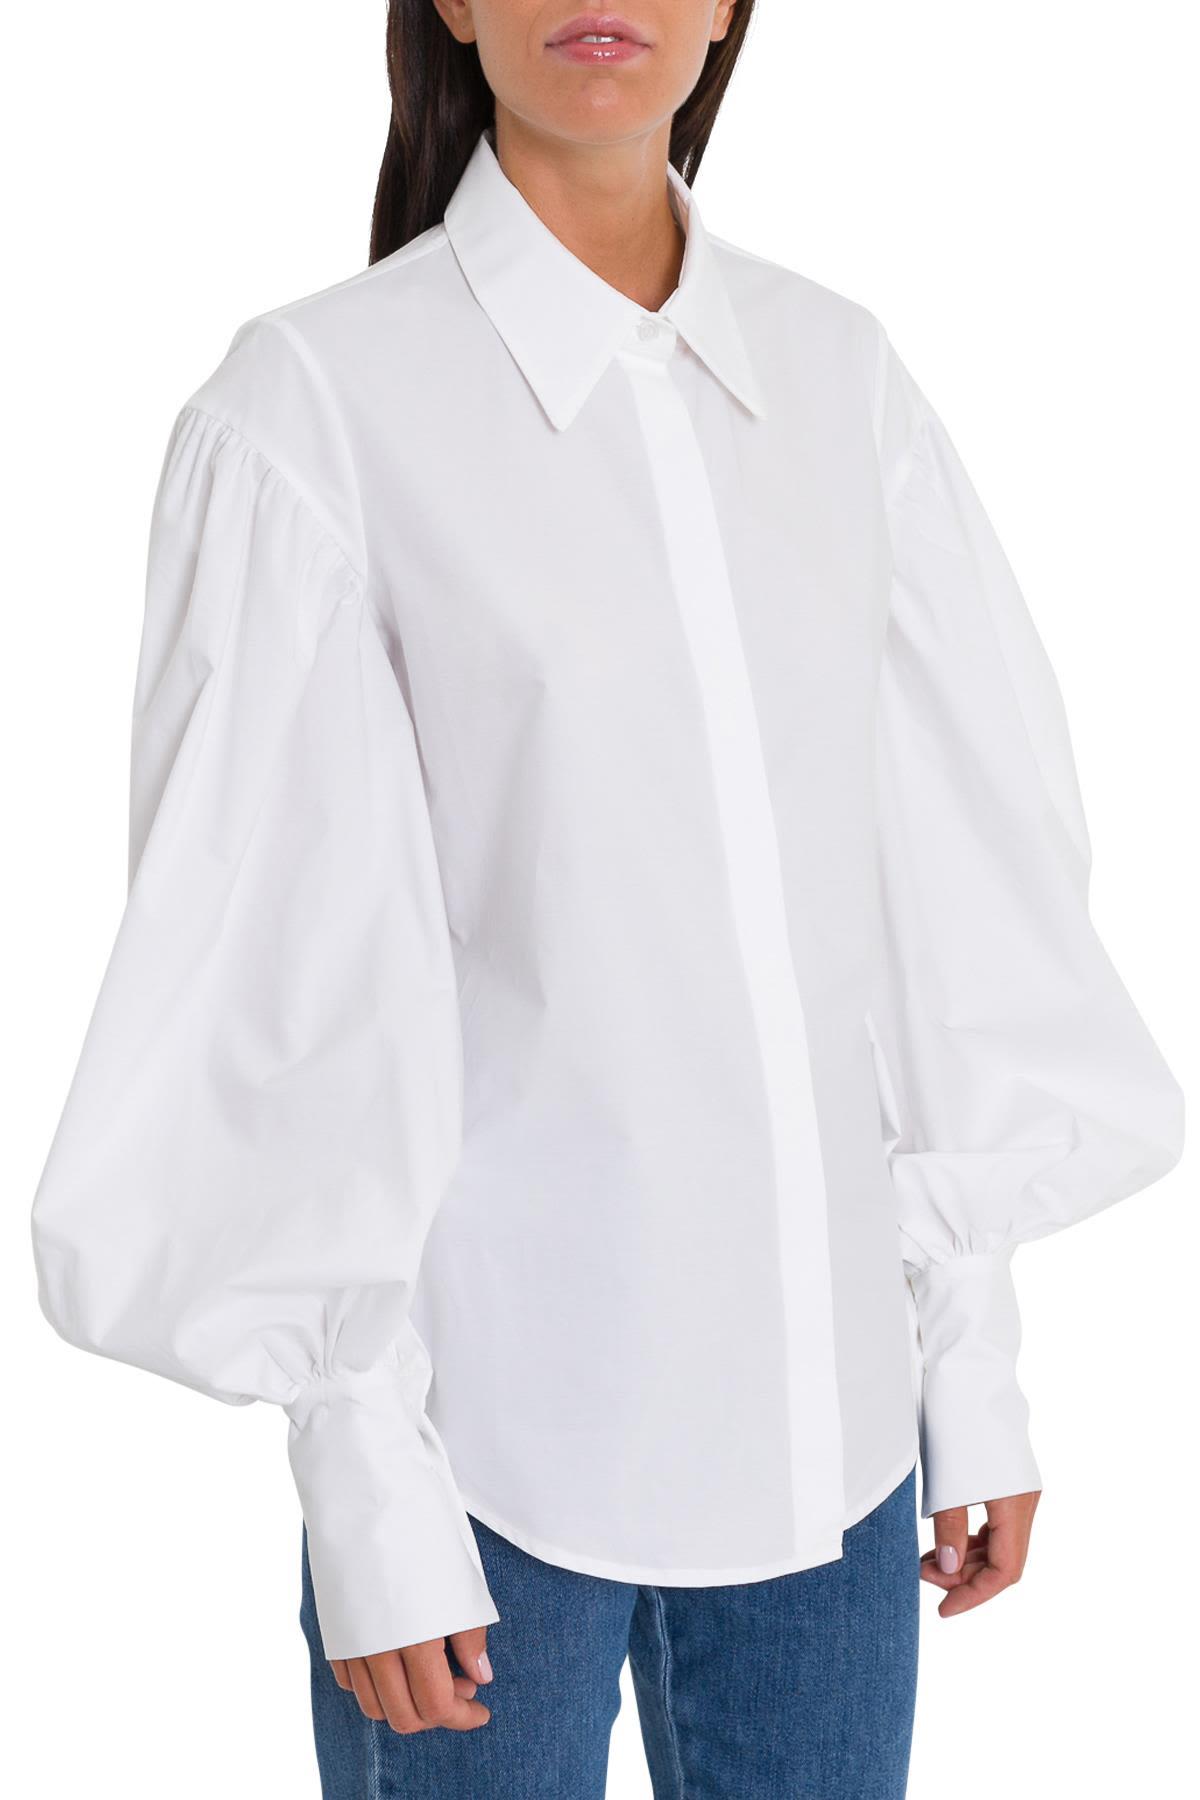 ISA ARFEN Hilda Shirt in White